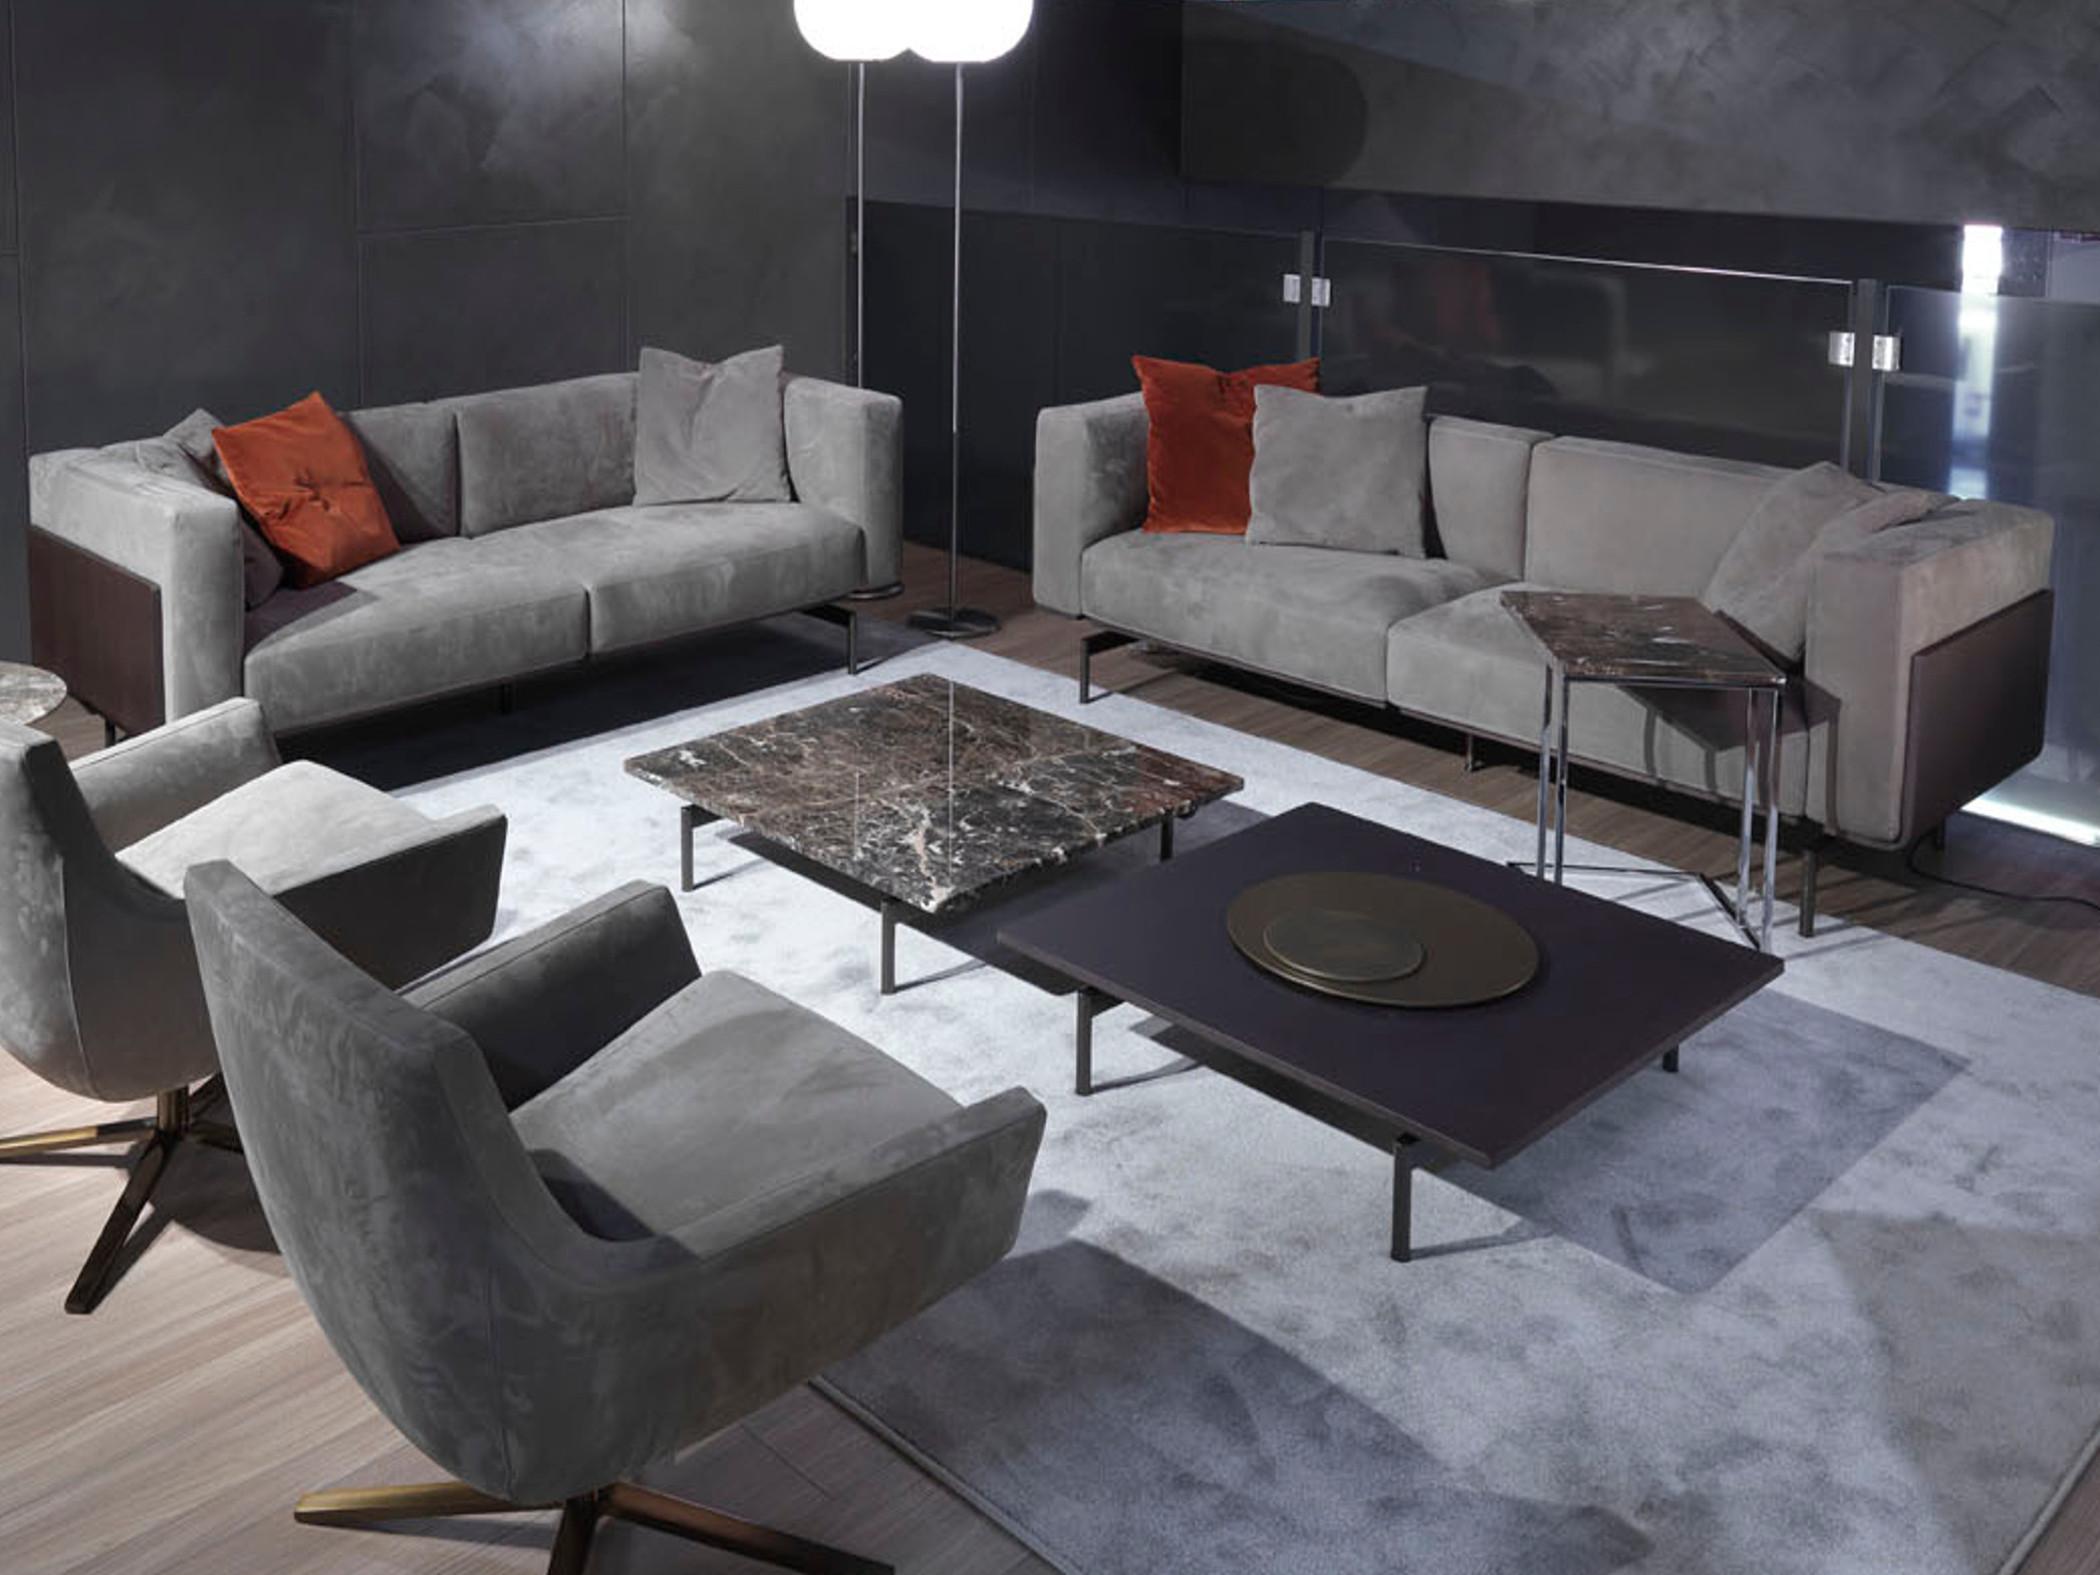 Divano design pelle nabuk panelli legno marrone l sofa l sofa - Divani sofa catalogo ...